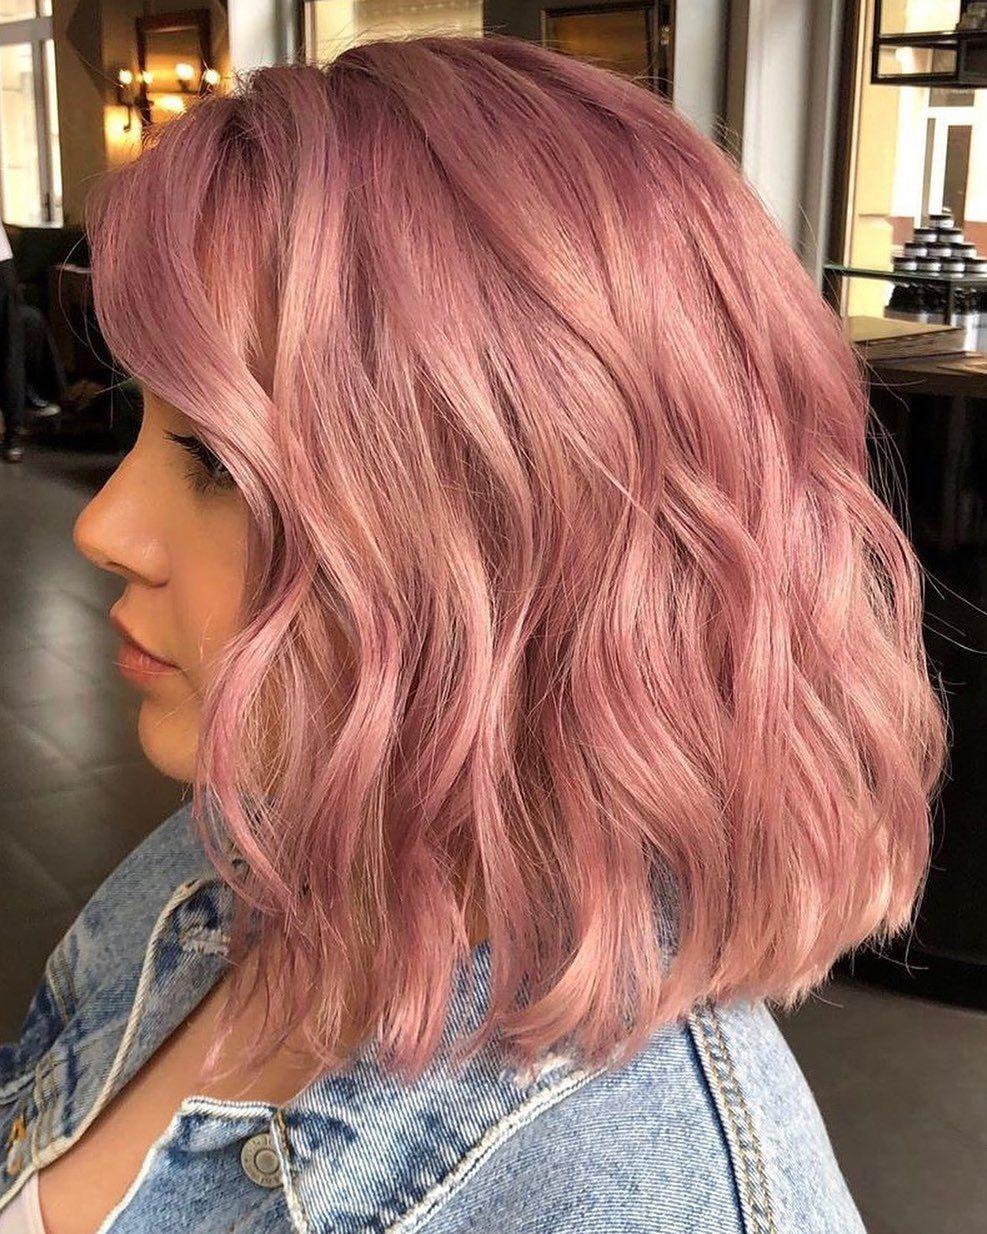 Shoulder Length Pastel Pink In 2020 Pastel Pink Hair Pastel Pink Hair Color Hair Color Pink